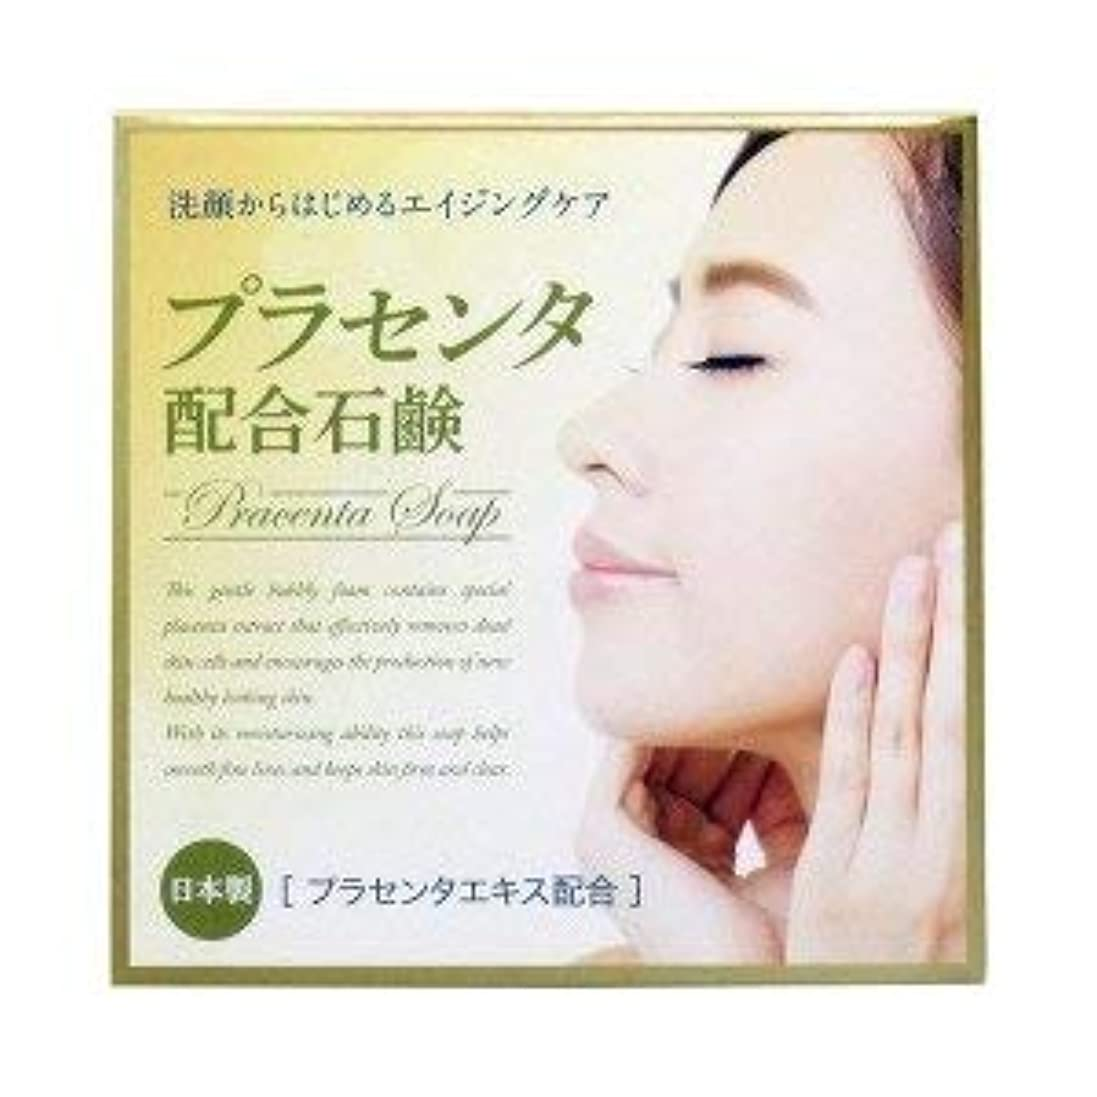 セージうがいスポンジプラセンタ配合石鹸 80g×2 2個1セット プラセンタエキス保湿成分配合 日本製